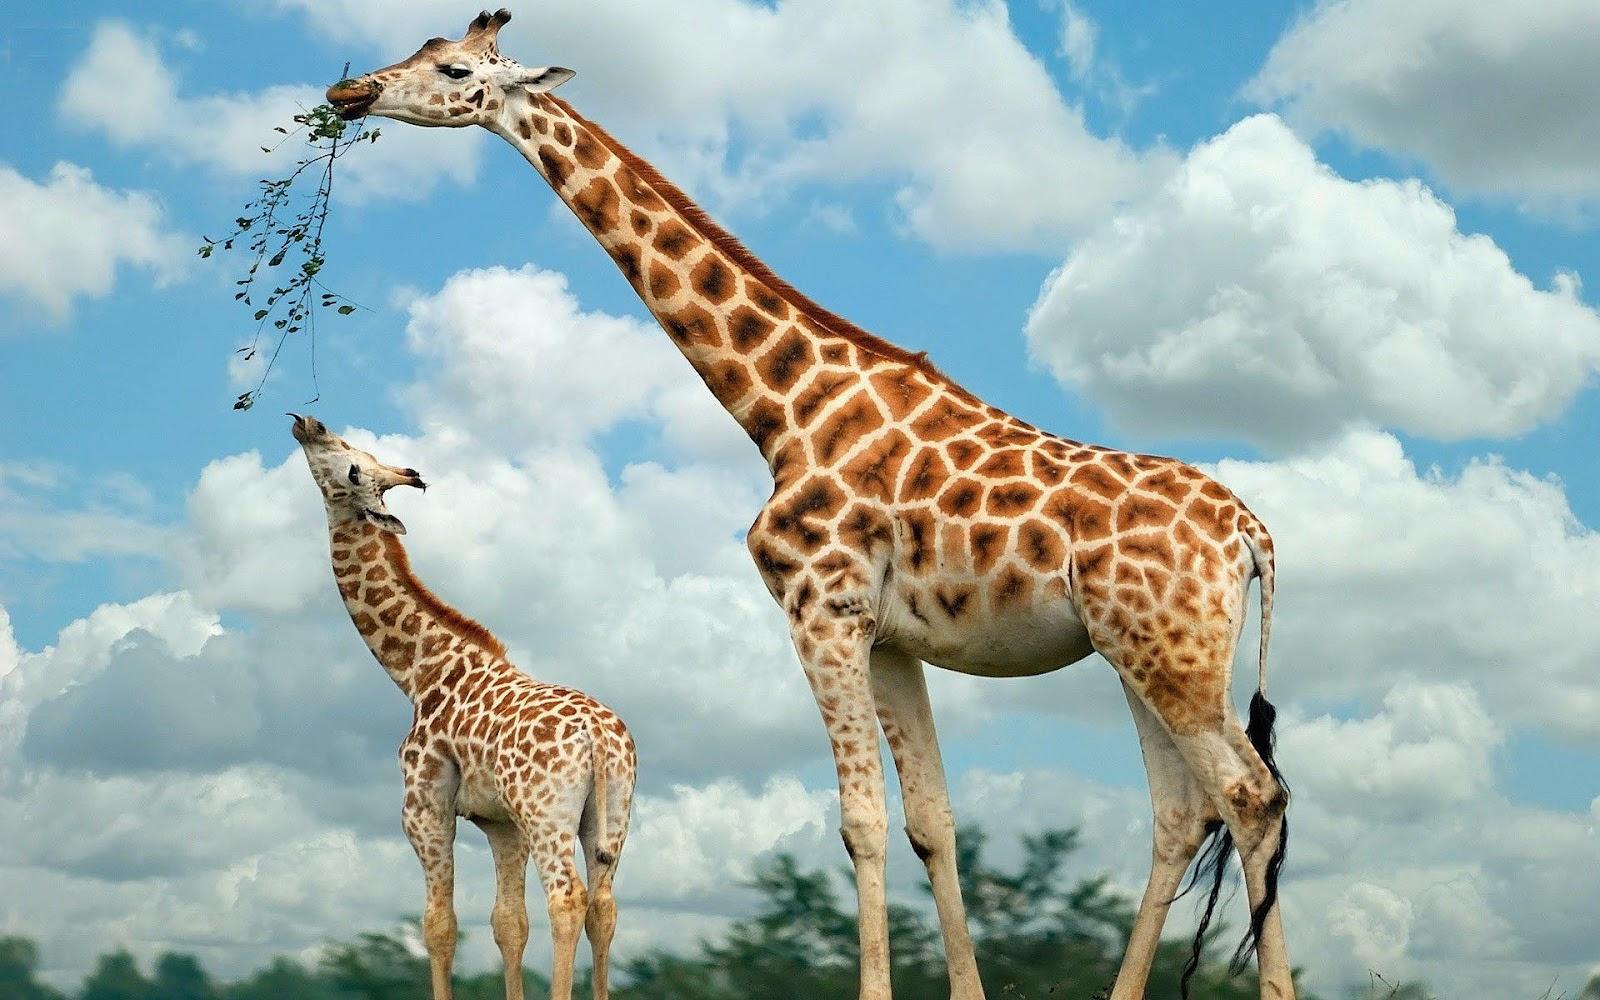 http://4.bp.blogspot.com/-D7gDLxfxp50/UGNT7cEFJBI/AAAAAAAAEQg/zaBdEYiV8q8/s1600/hd-achtergrond-met-twee-giraffes-aan-het-eten-hd-giraffe-wallpaper-foto.jpg